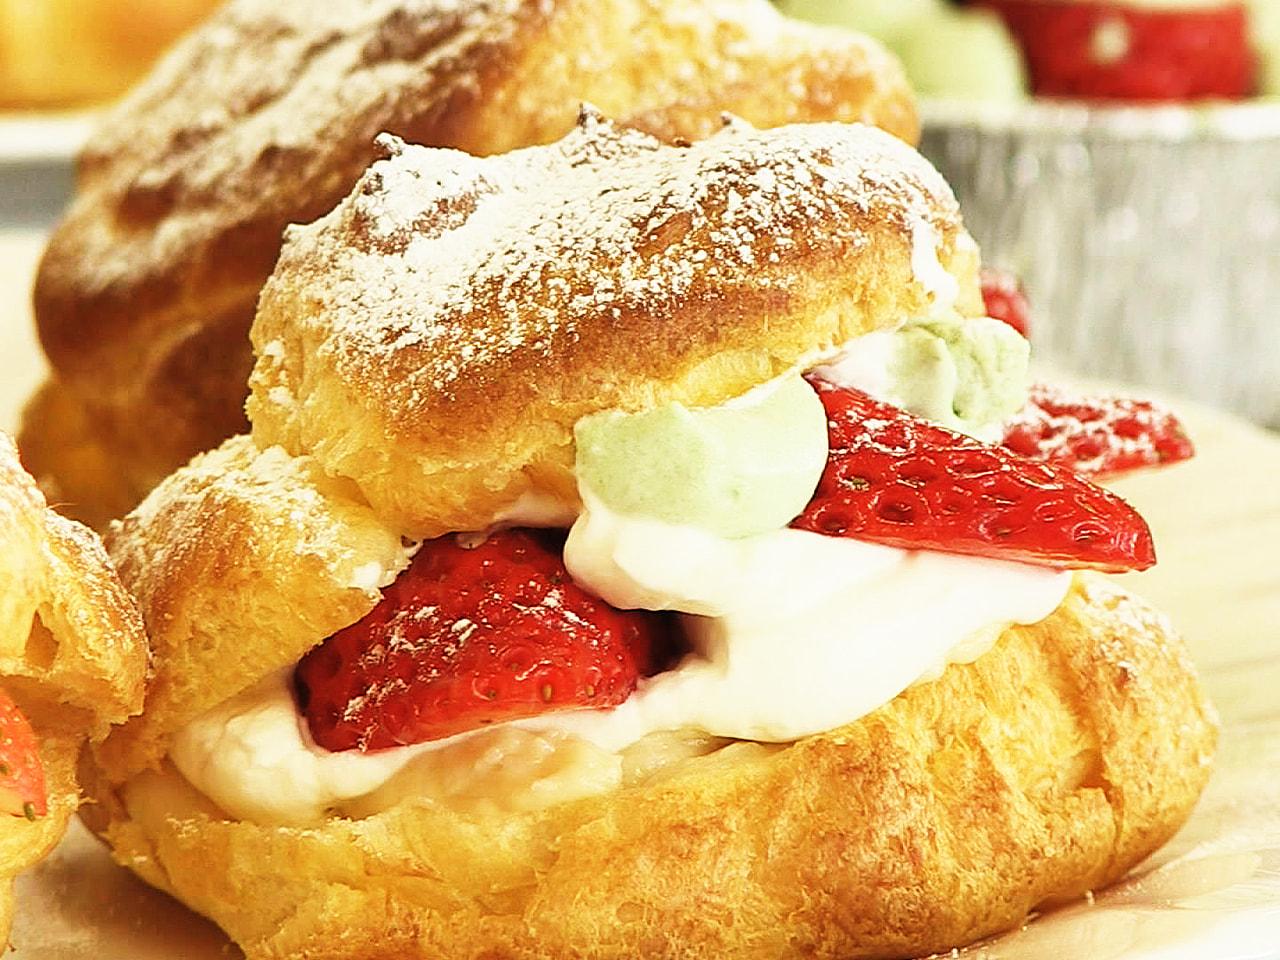 飛騨産のイチゴや地元の牛乳をふんだんに使ってつくるスイーツ講座が、岐阜県高山市で...